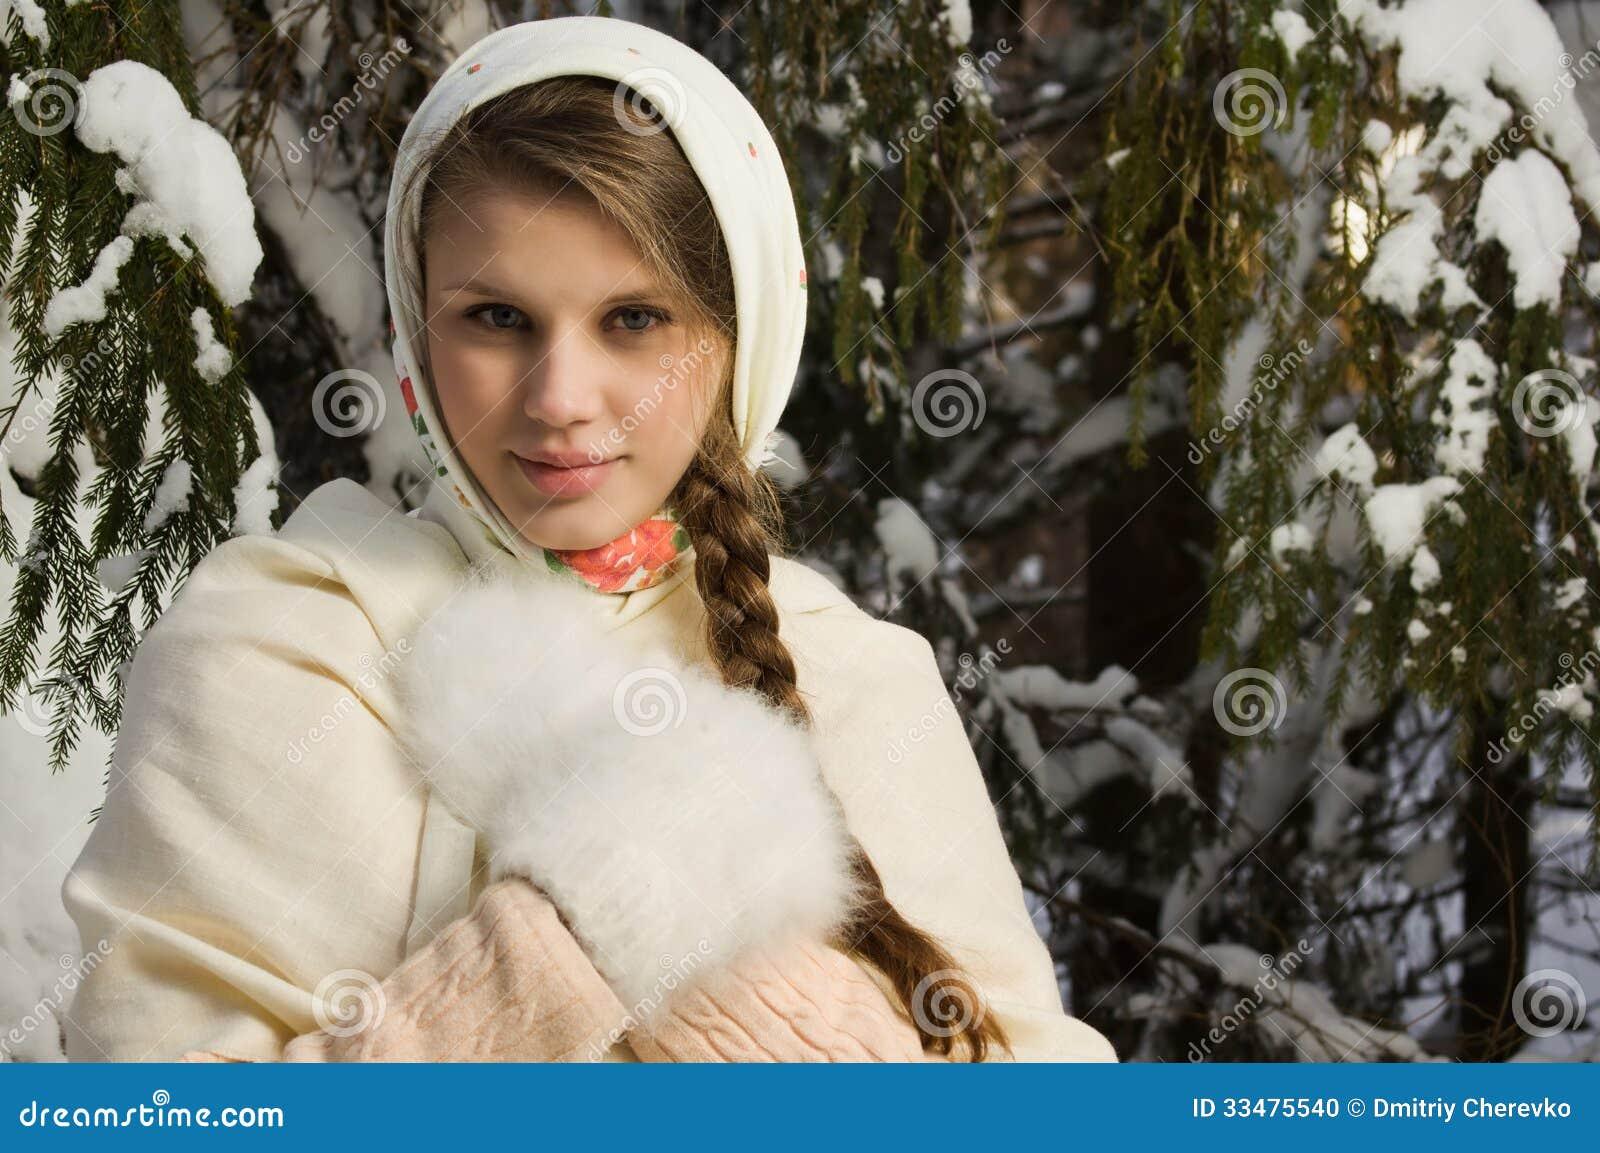 Русская девушка продалась 16 фотография